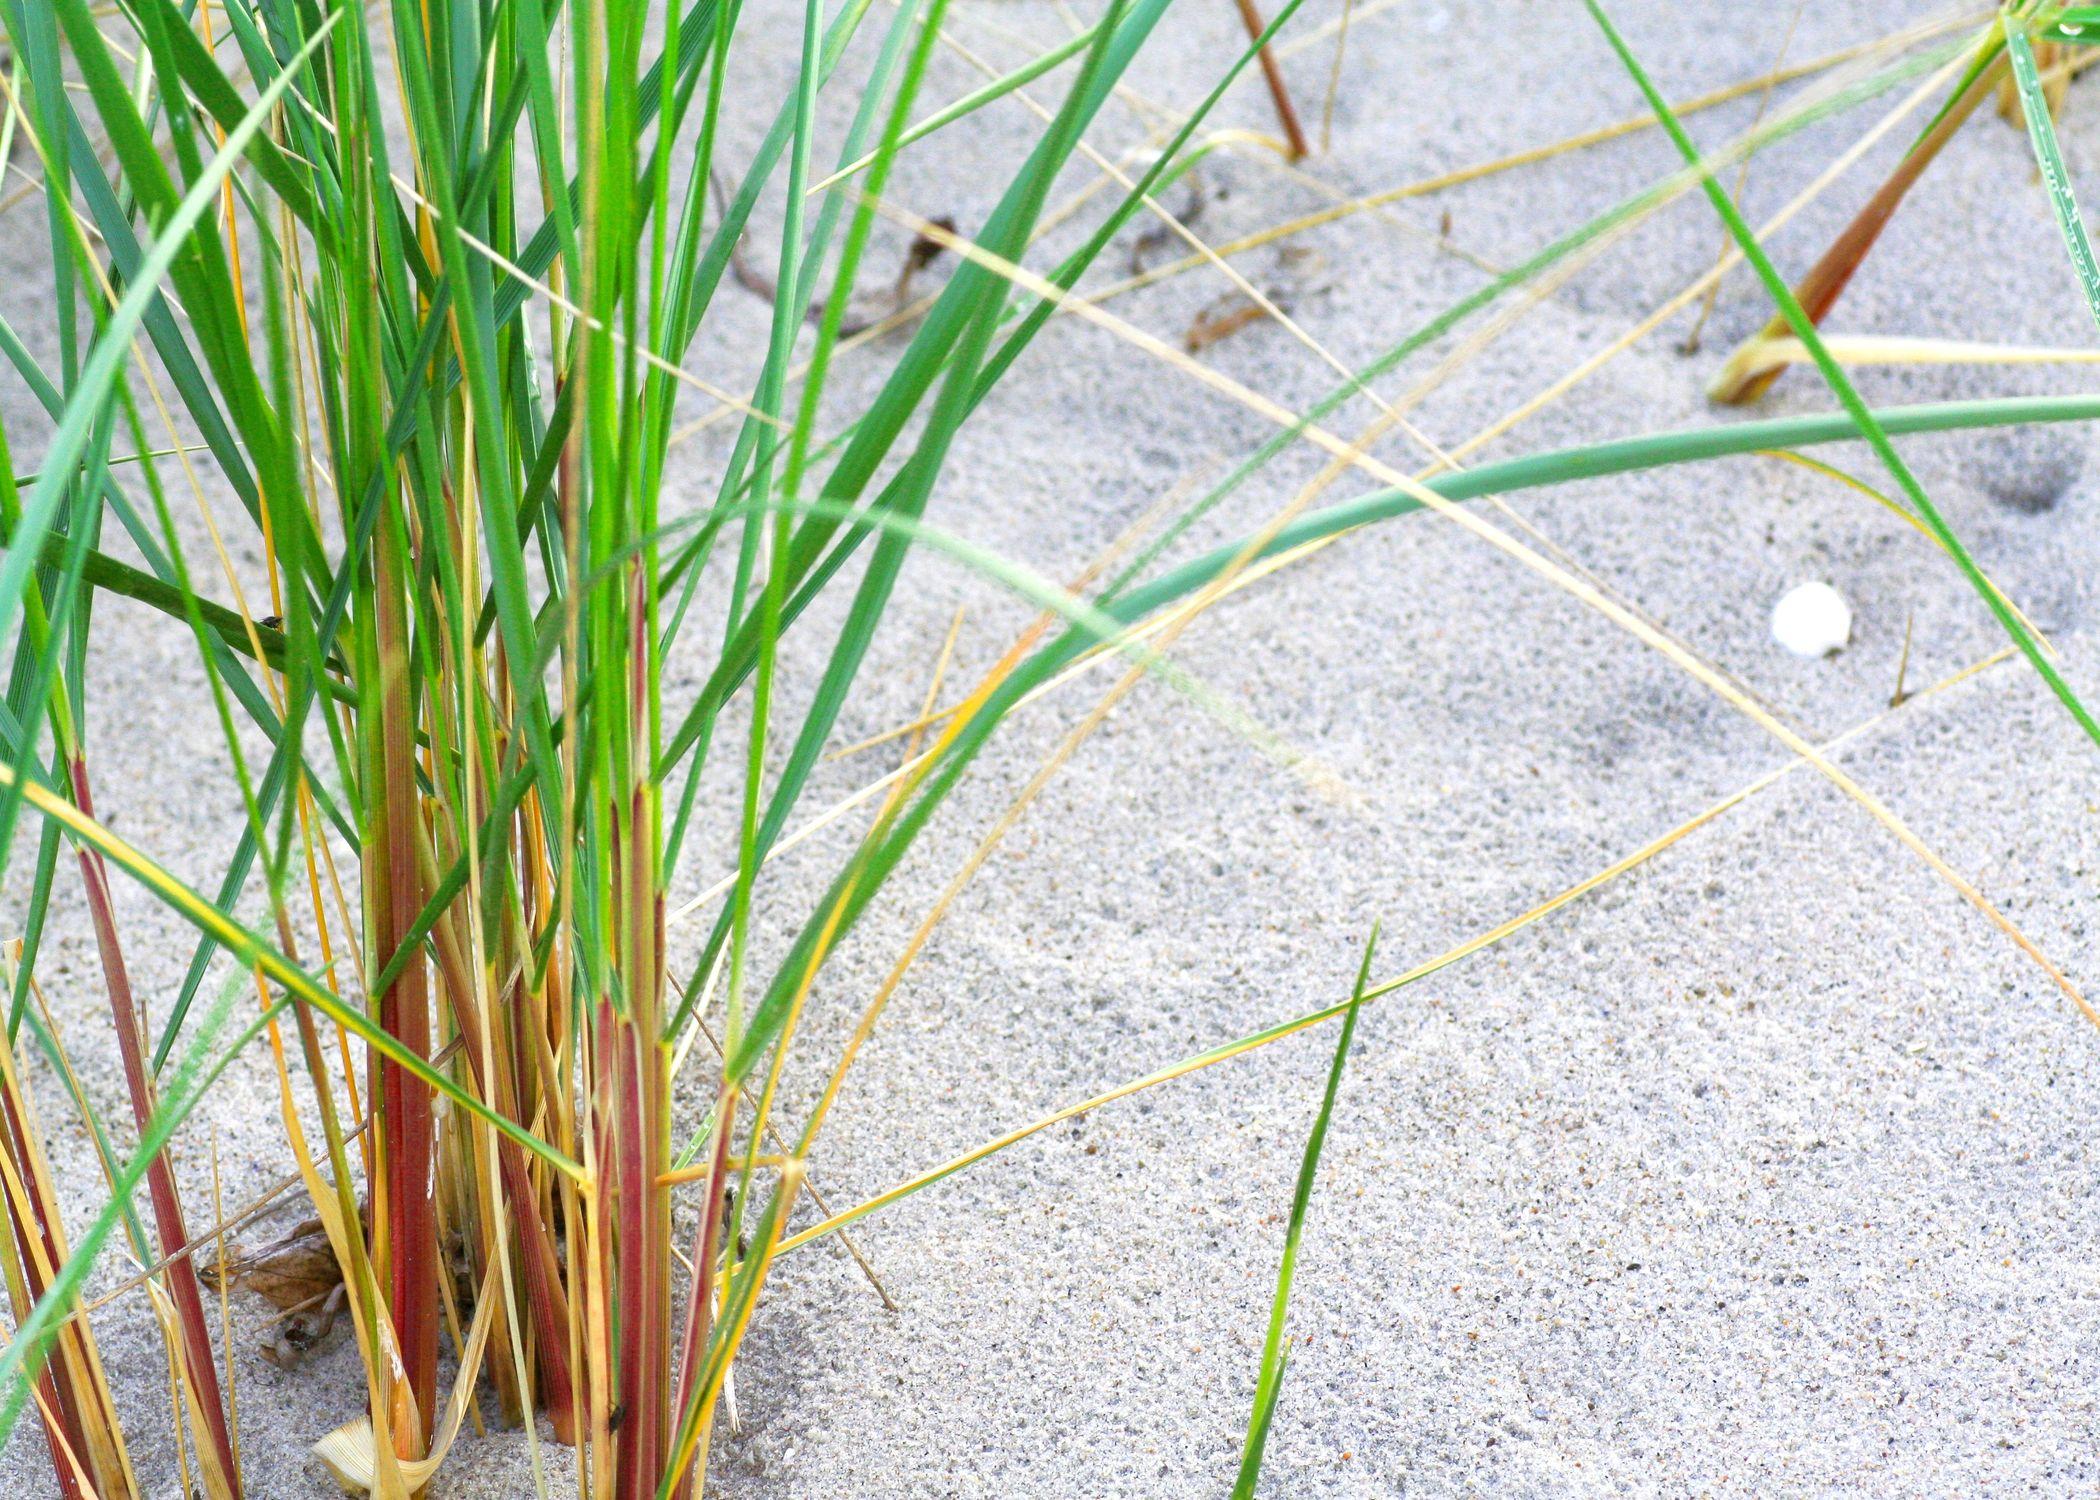 Bild mit Natur, Pflanzen, Gräser, Sand, Schilf, Schilfgras